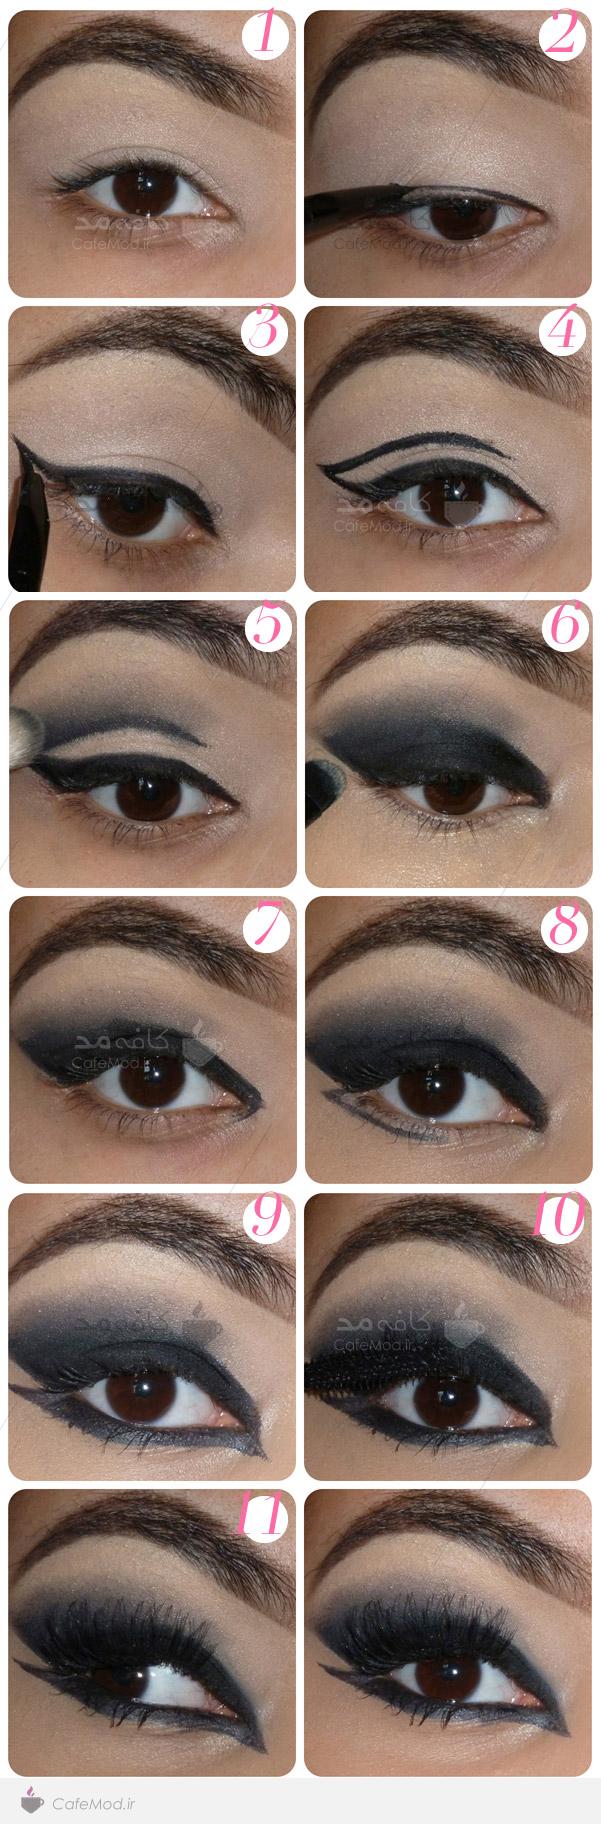 آموزش آرایش چشم سیاه